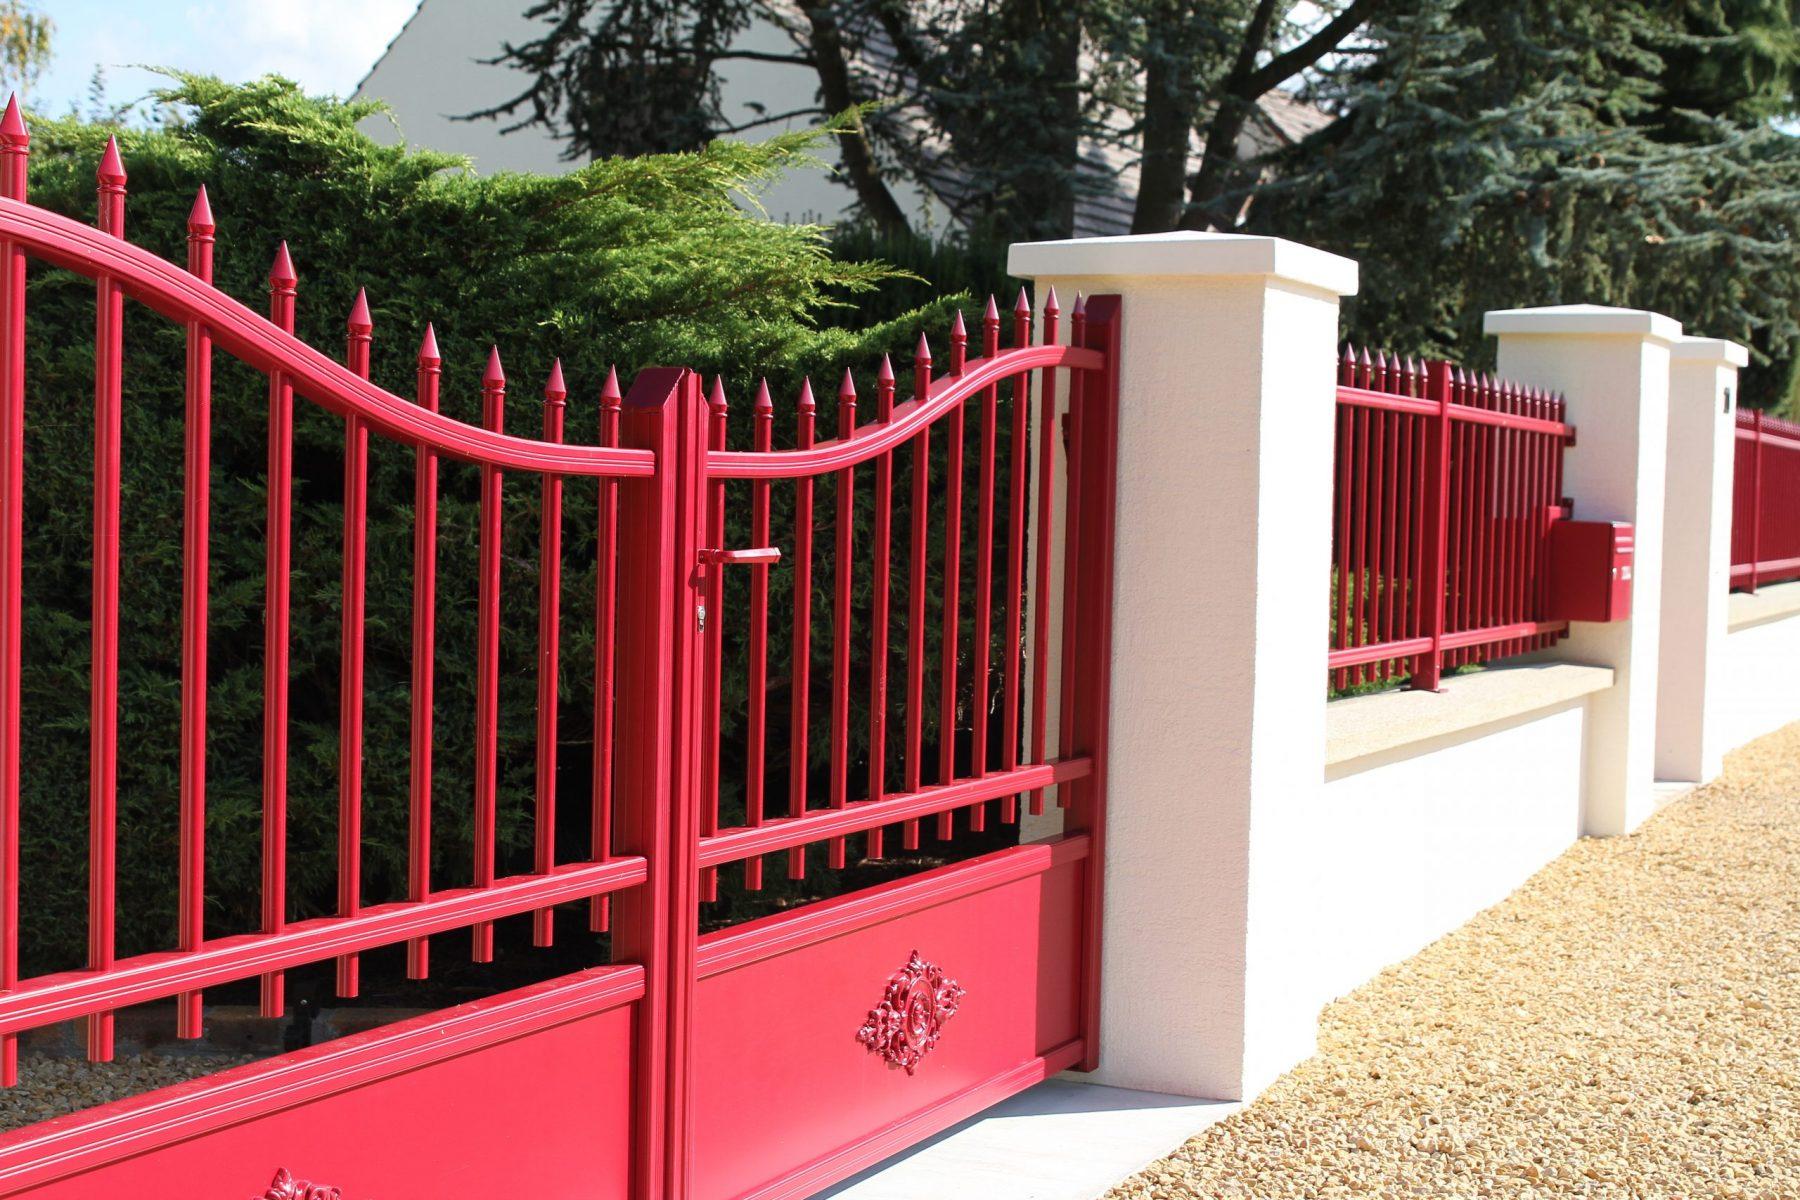 Colver créateur jardin paysagiste oise noyon compiègne aménagement portail clôture aluminium fer forgé automatisé